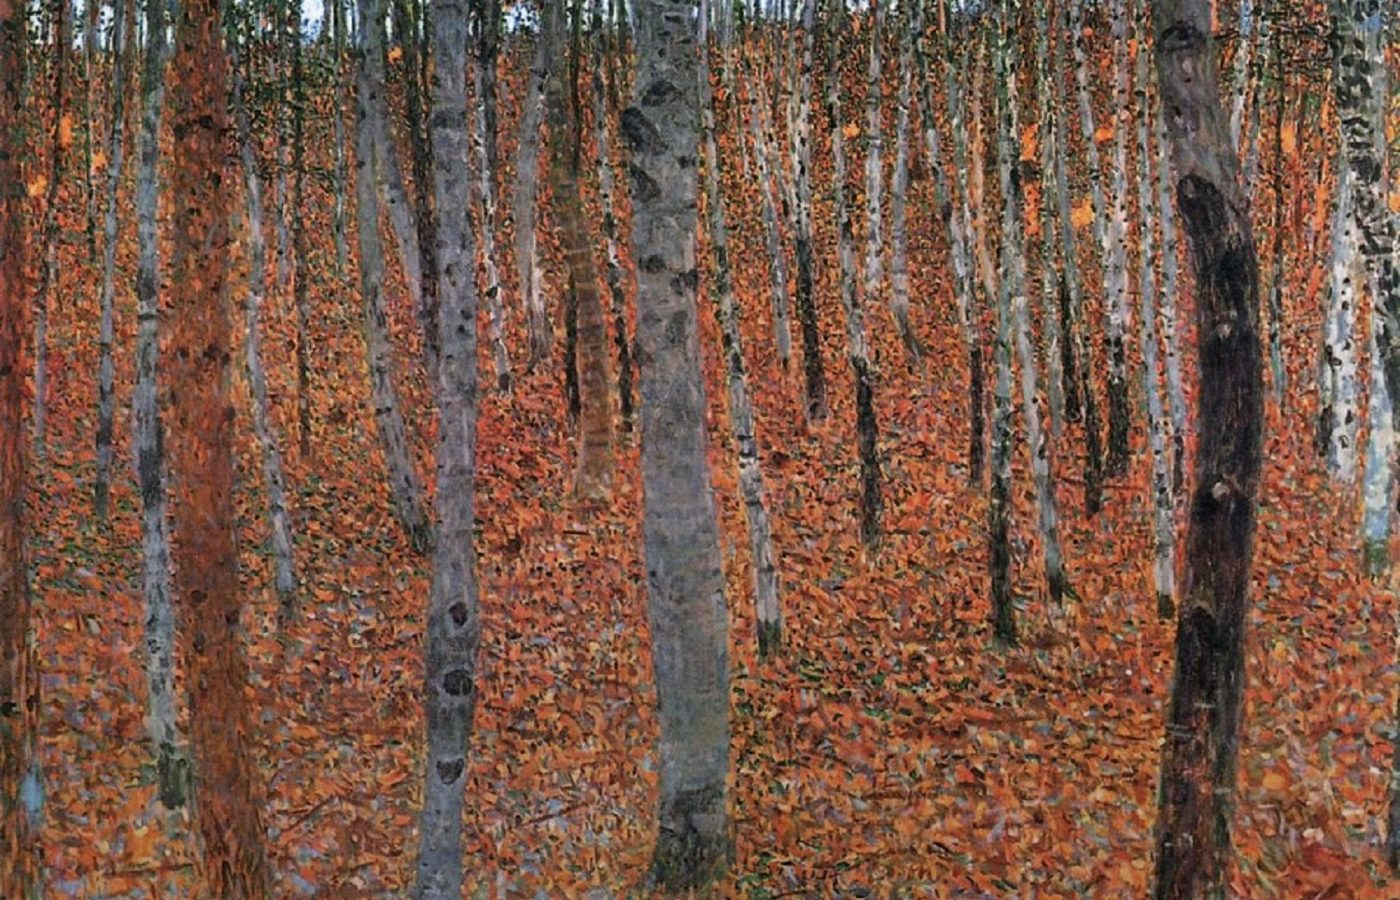 bosque-de-abedules-klimt-1